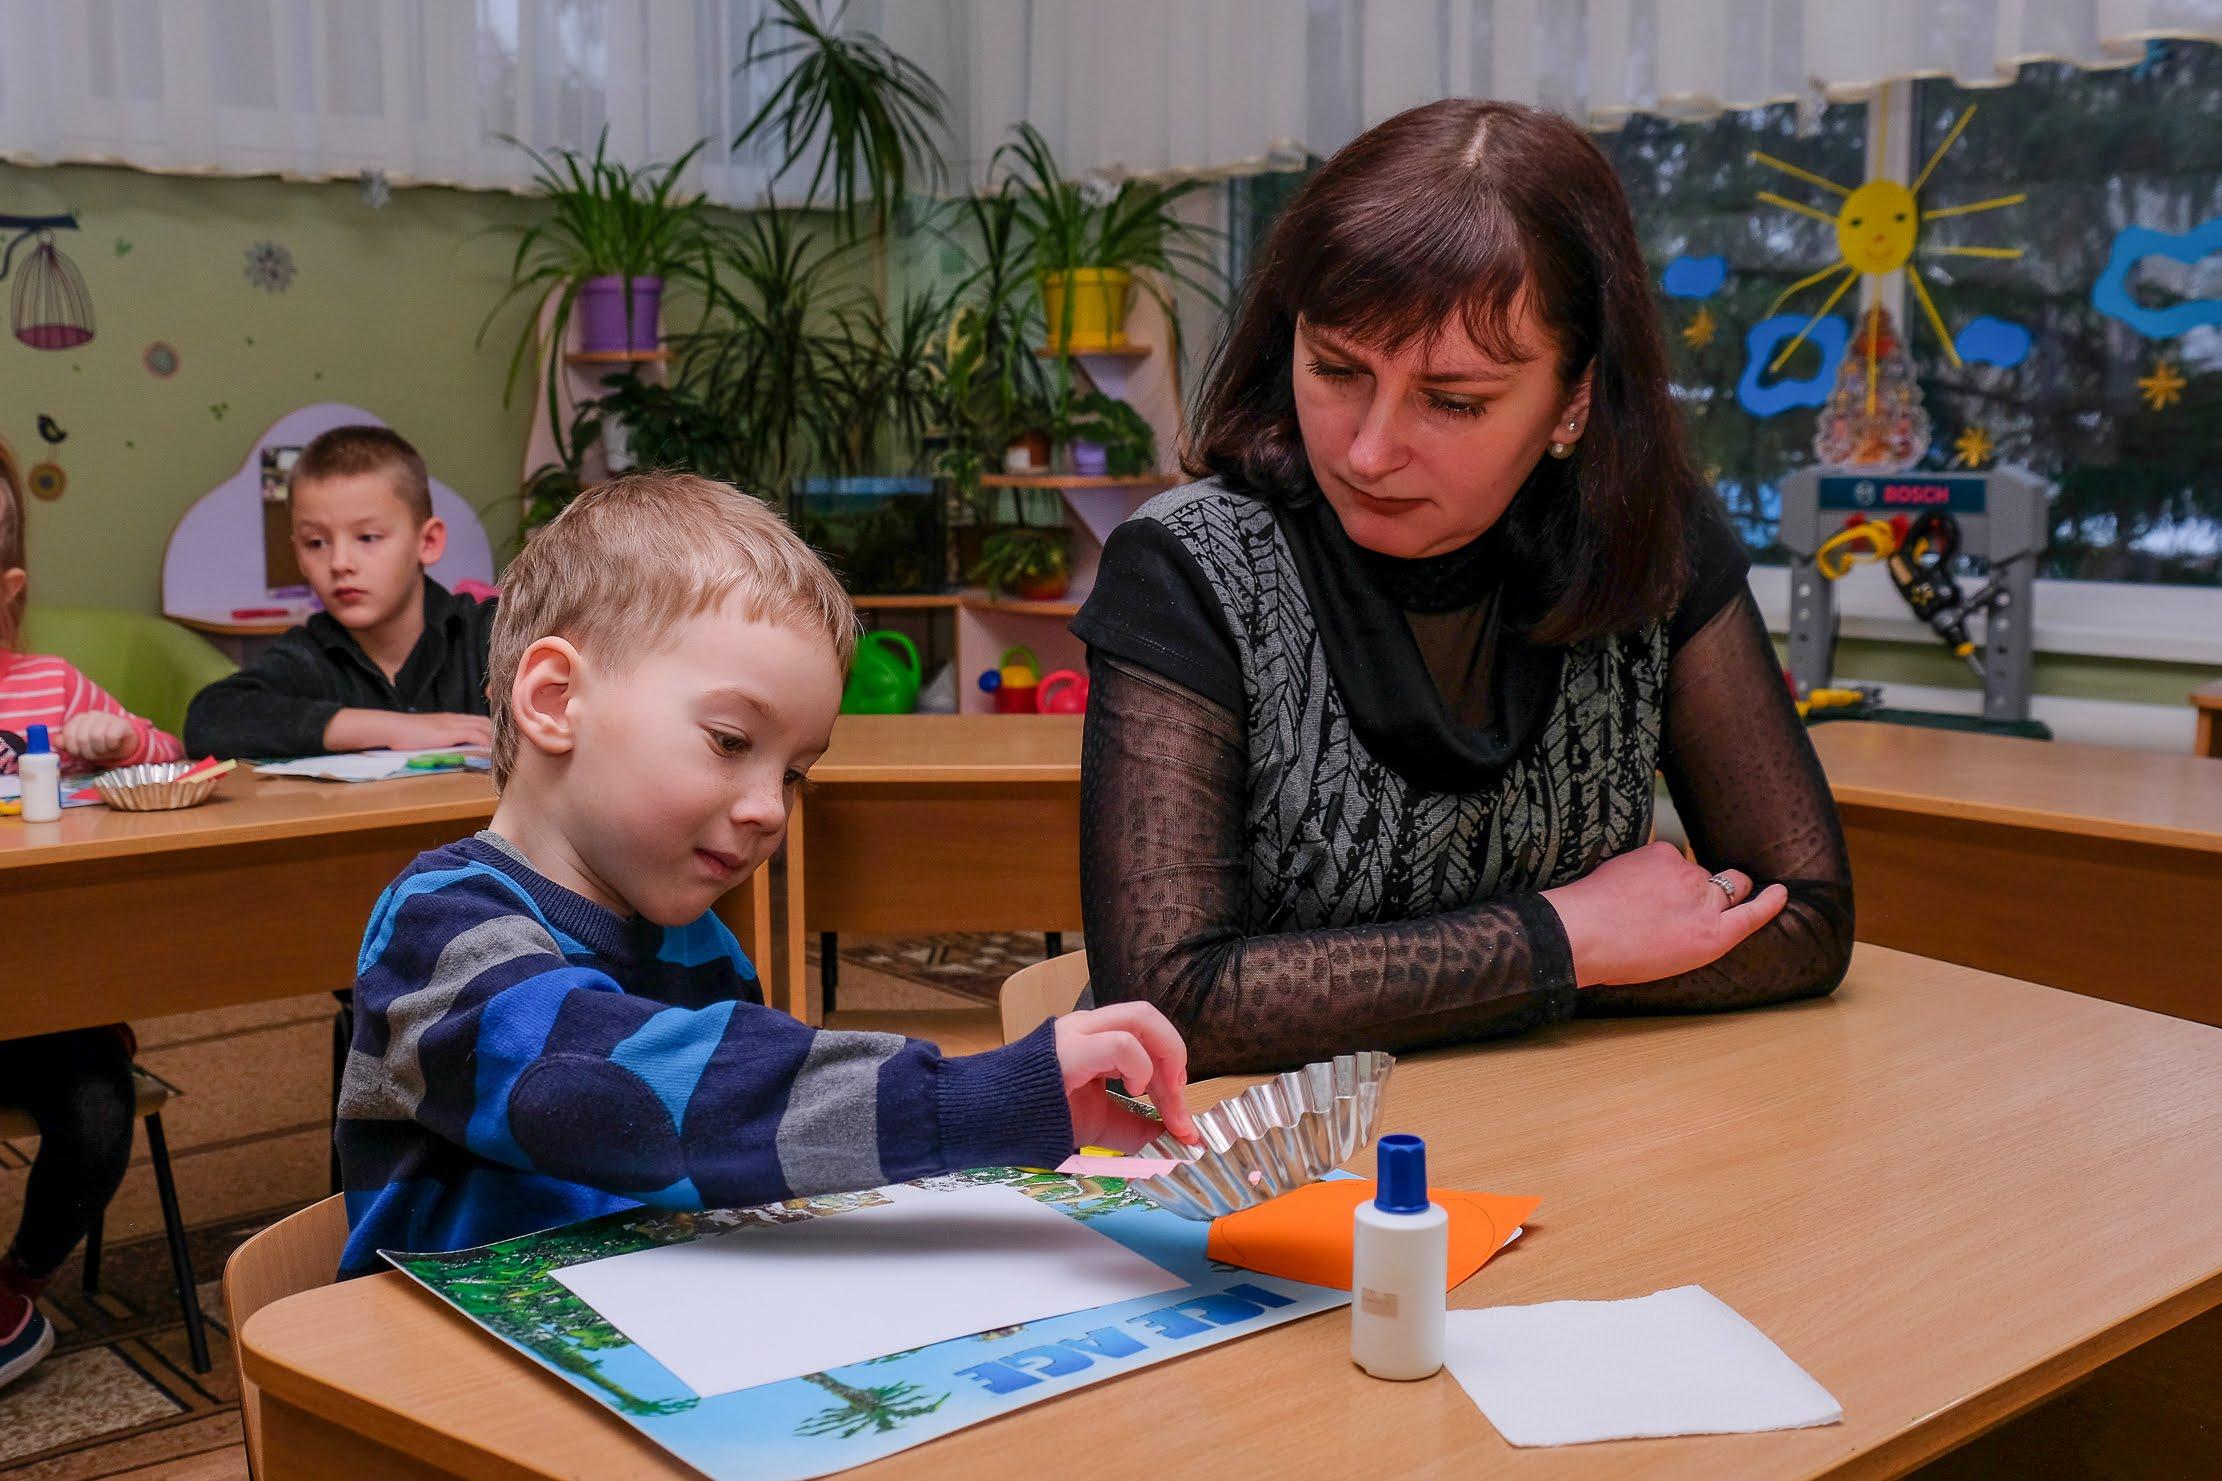 Додатково із «особливими» дітьми працює команда корекційних спеціалістів